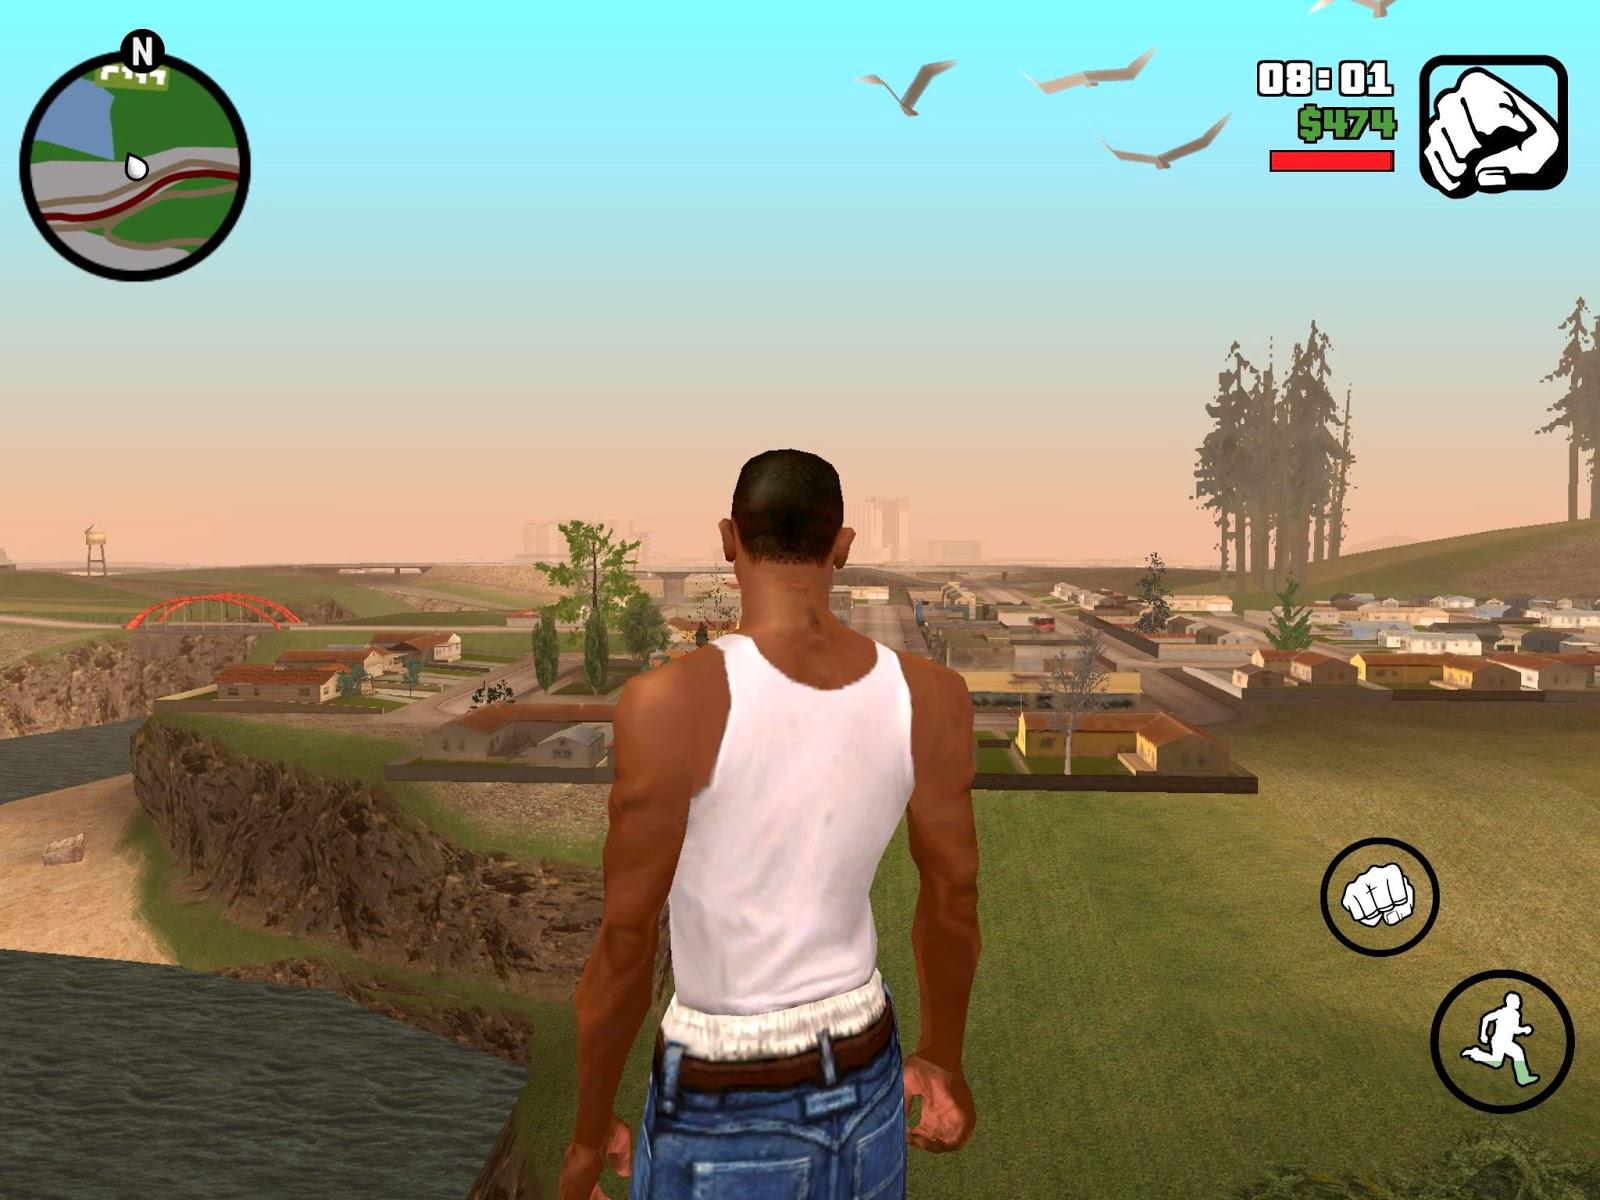 gta san andreas apk game and file download